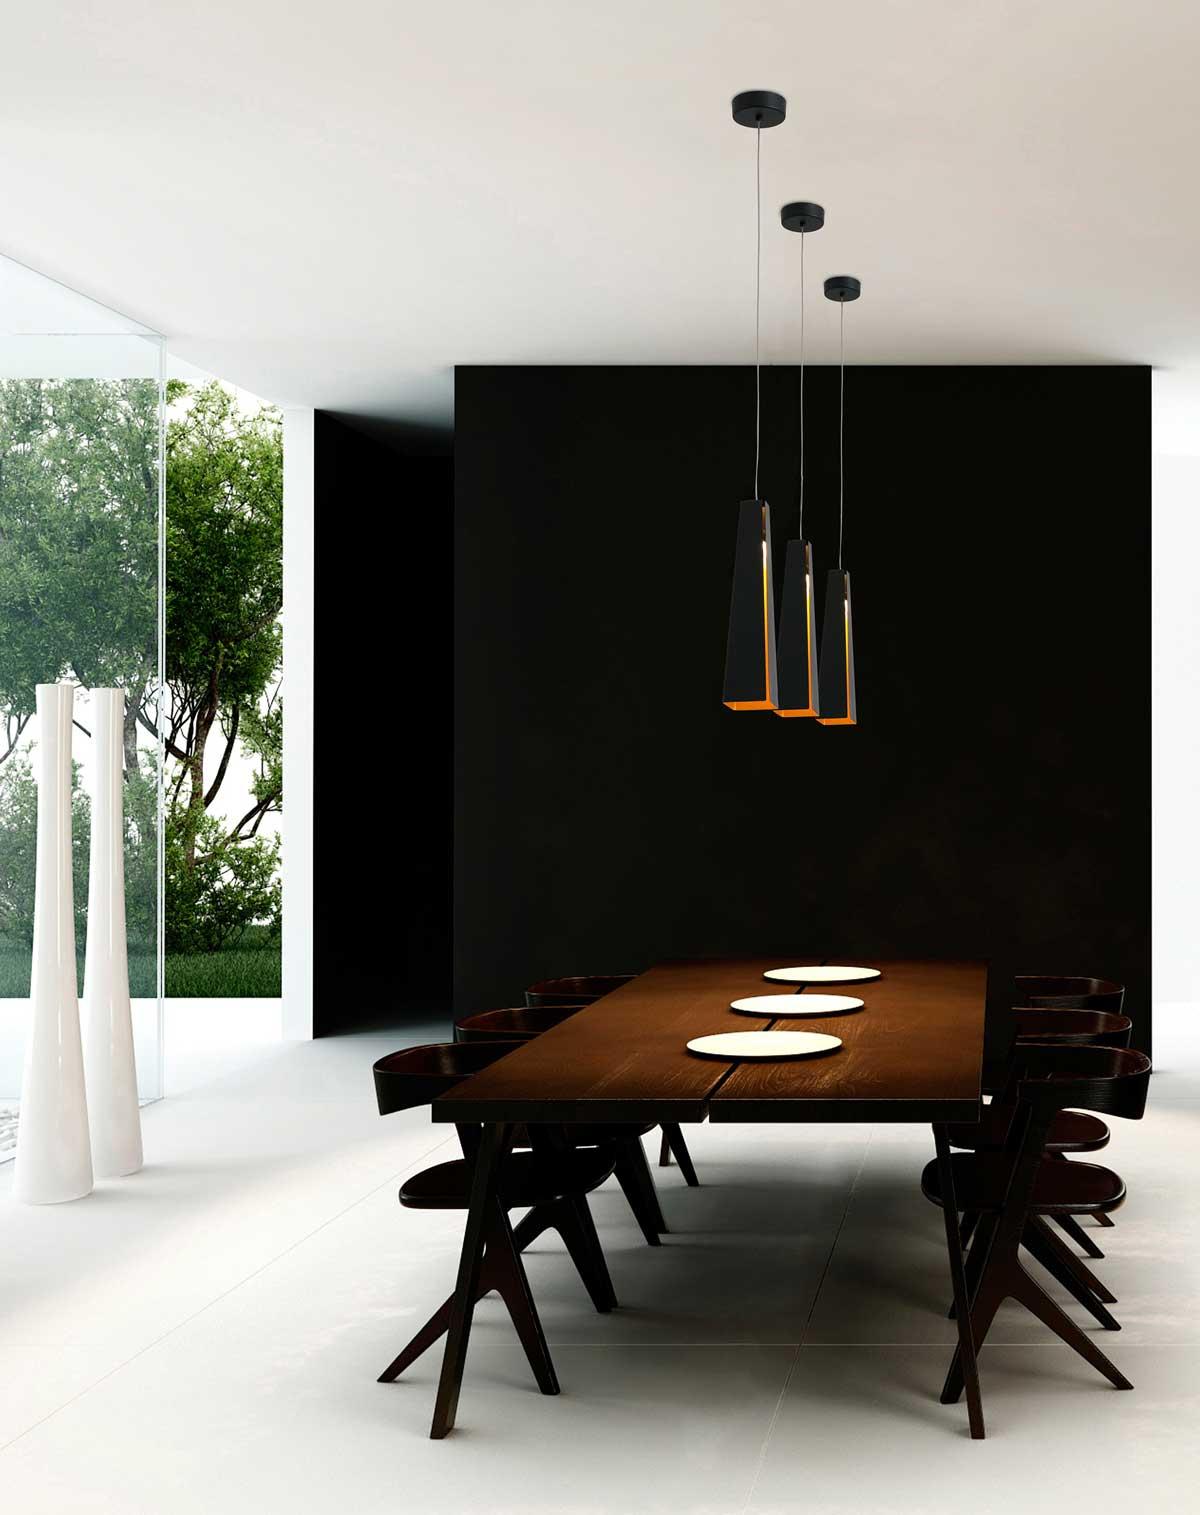 lampade a sospensione per illuminare il tavolo